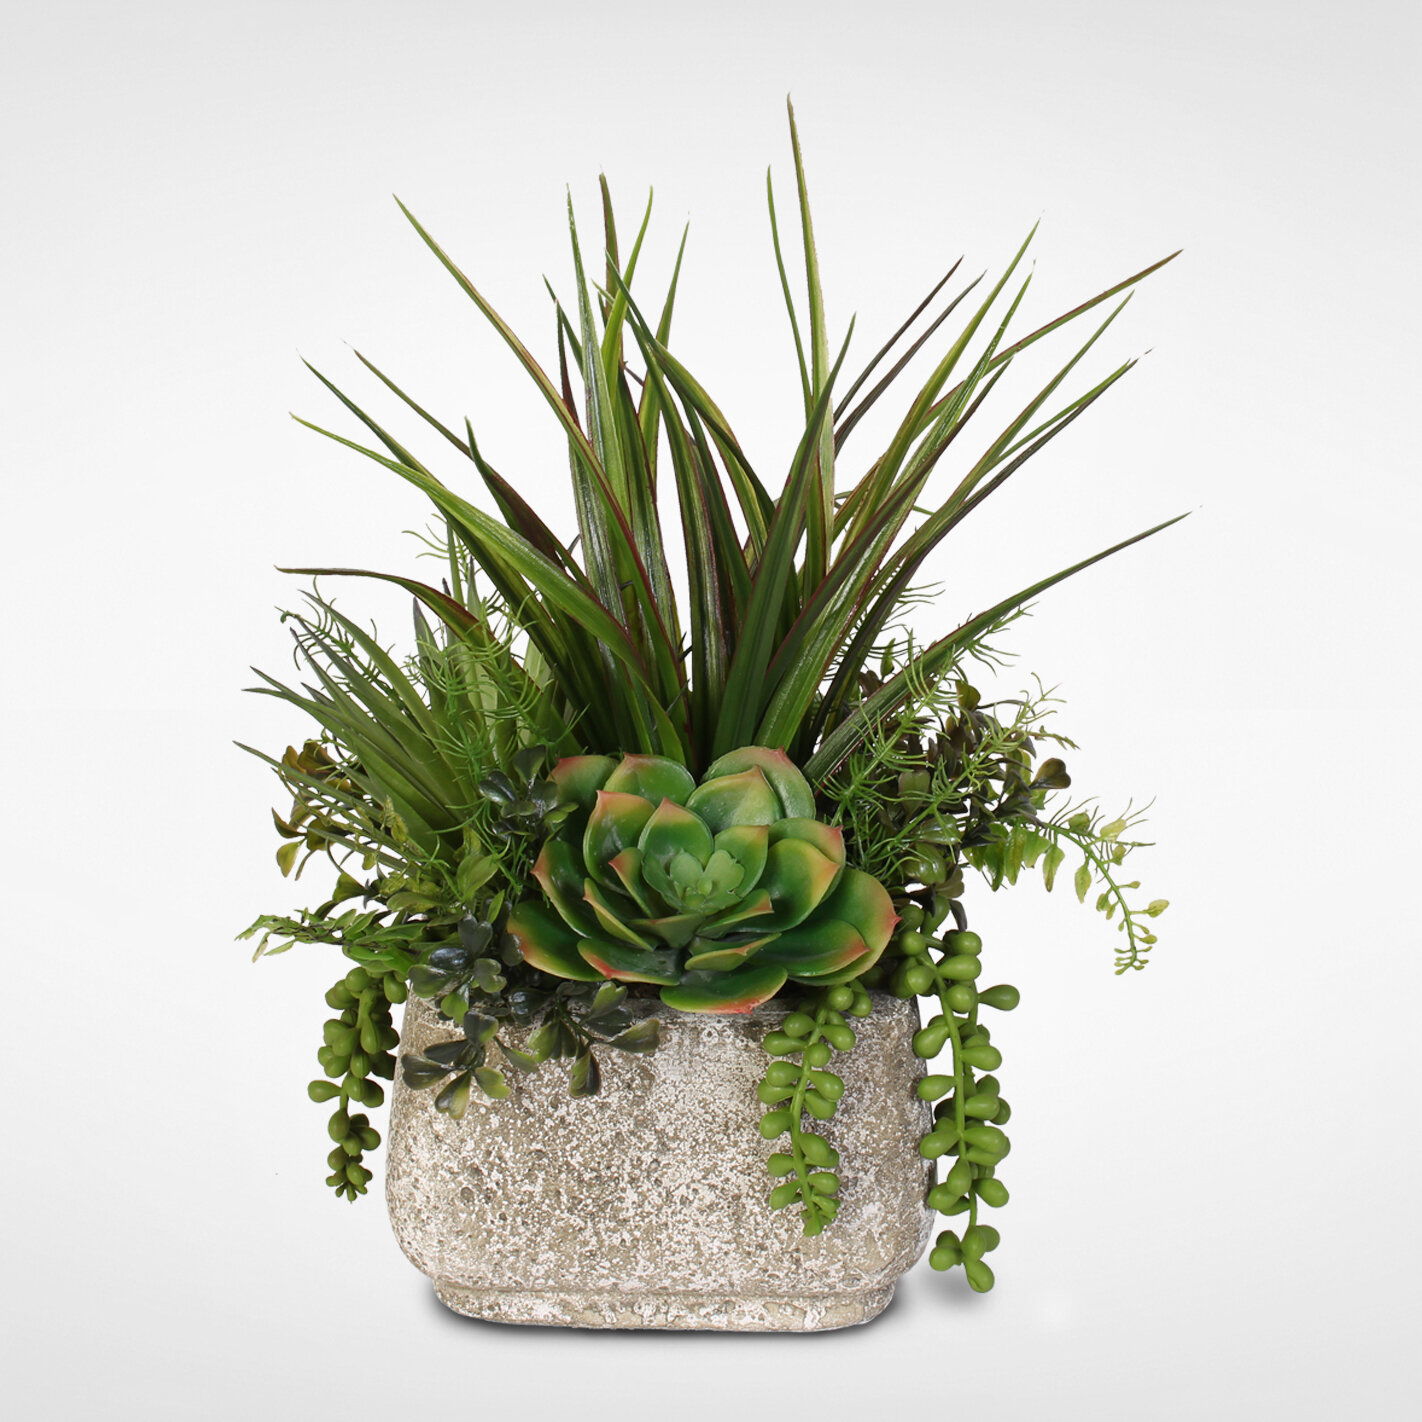 Brayden Studio Artificial Desktop Succulent Variety Plant In Pot Reviews Wayfair